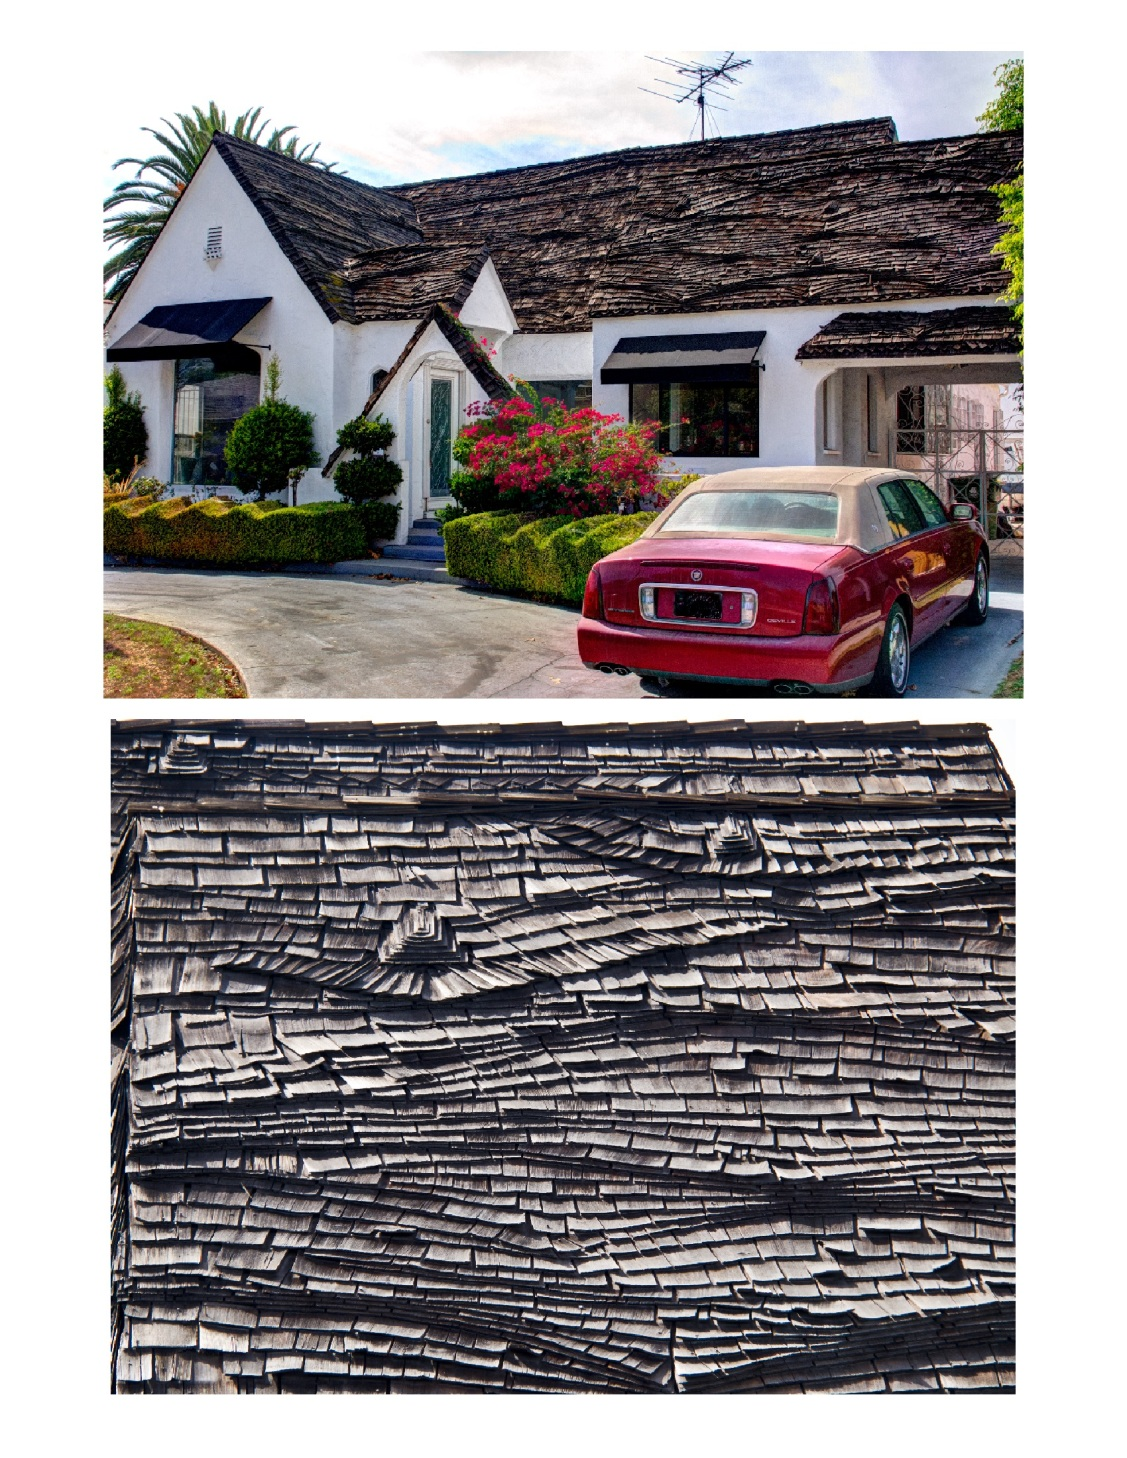 Sculpted Roof copyright 2012 Danuiel D. Teoli Jr. mr